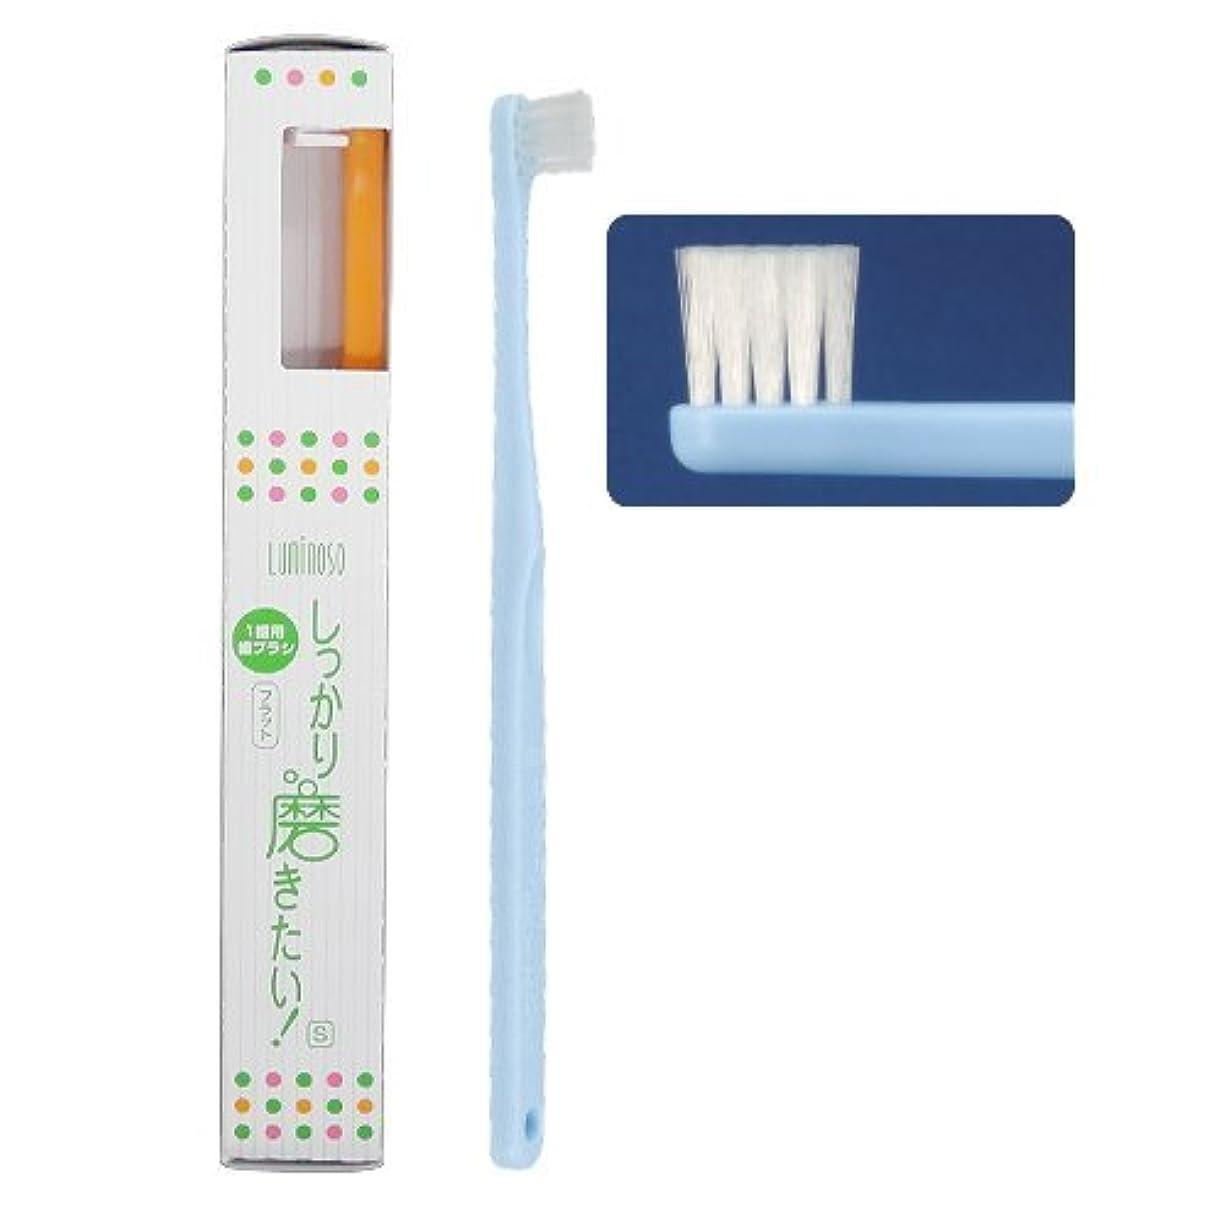 ビジター性差別適度なルミノソ 1歯用歯ブラシ 「しっかり磨きたい!」 フラット ソフト (カラー指定不可) 10本